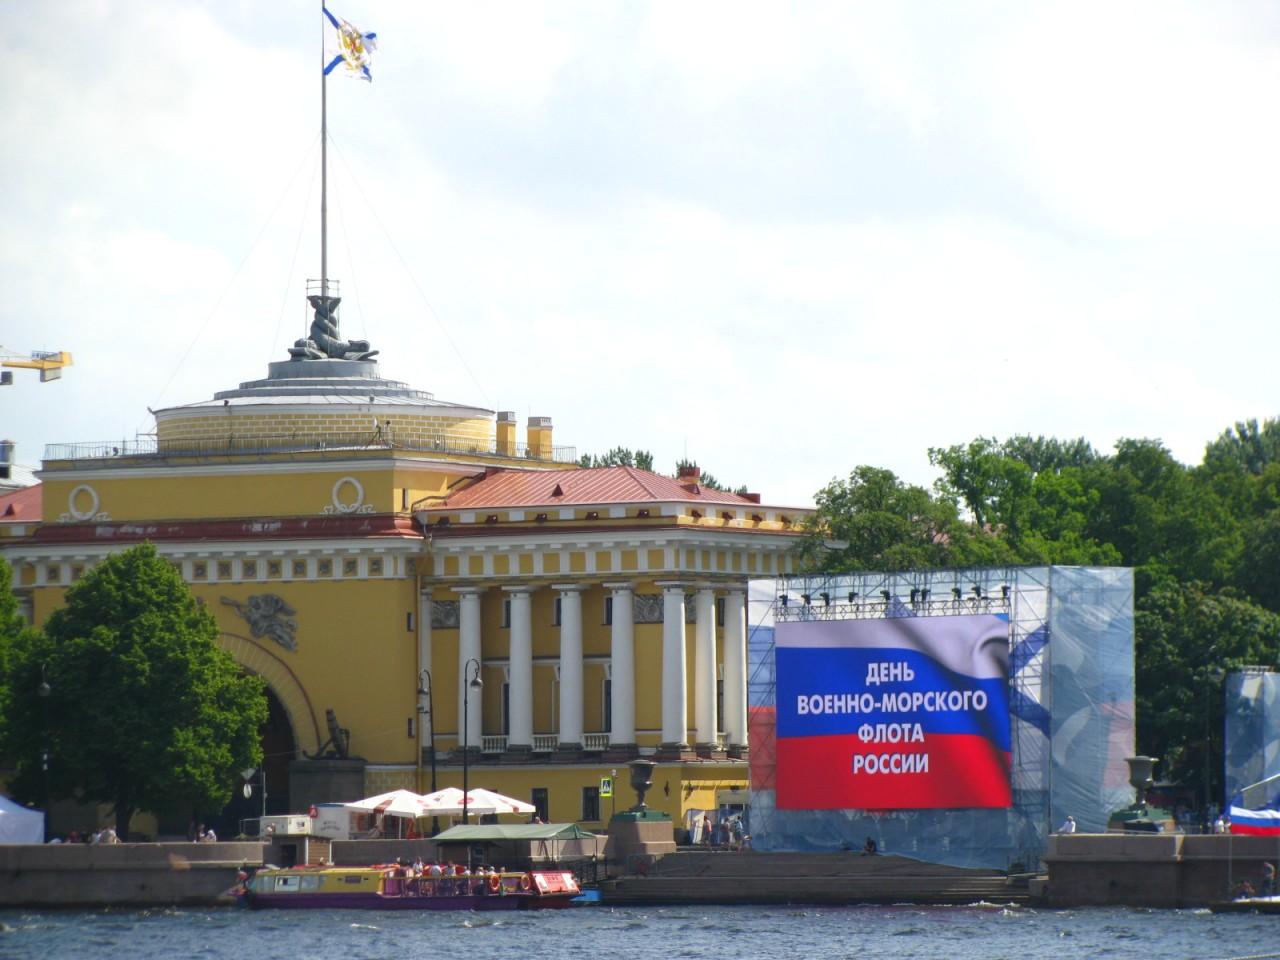 Военно-морскому флоту России - слава!